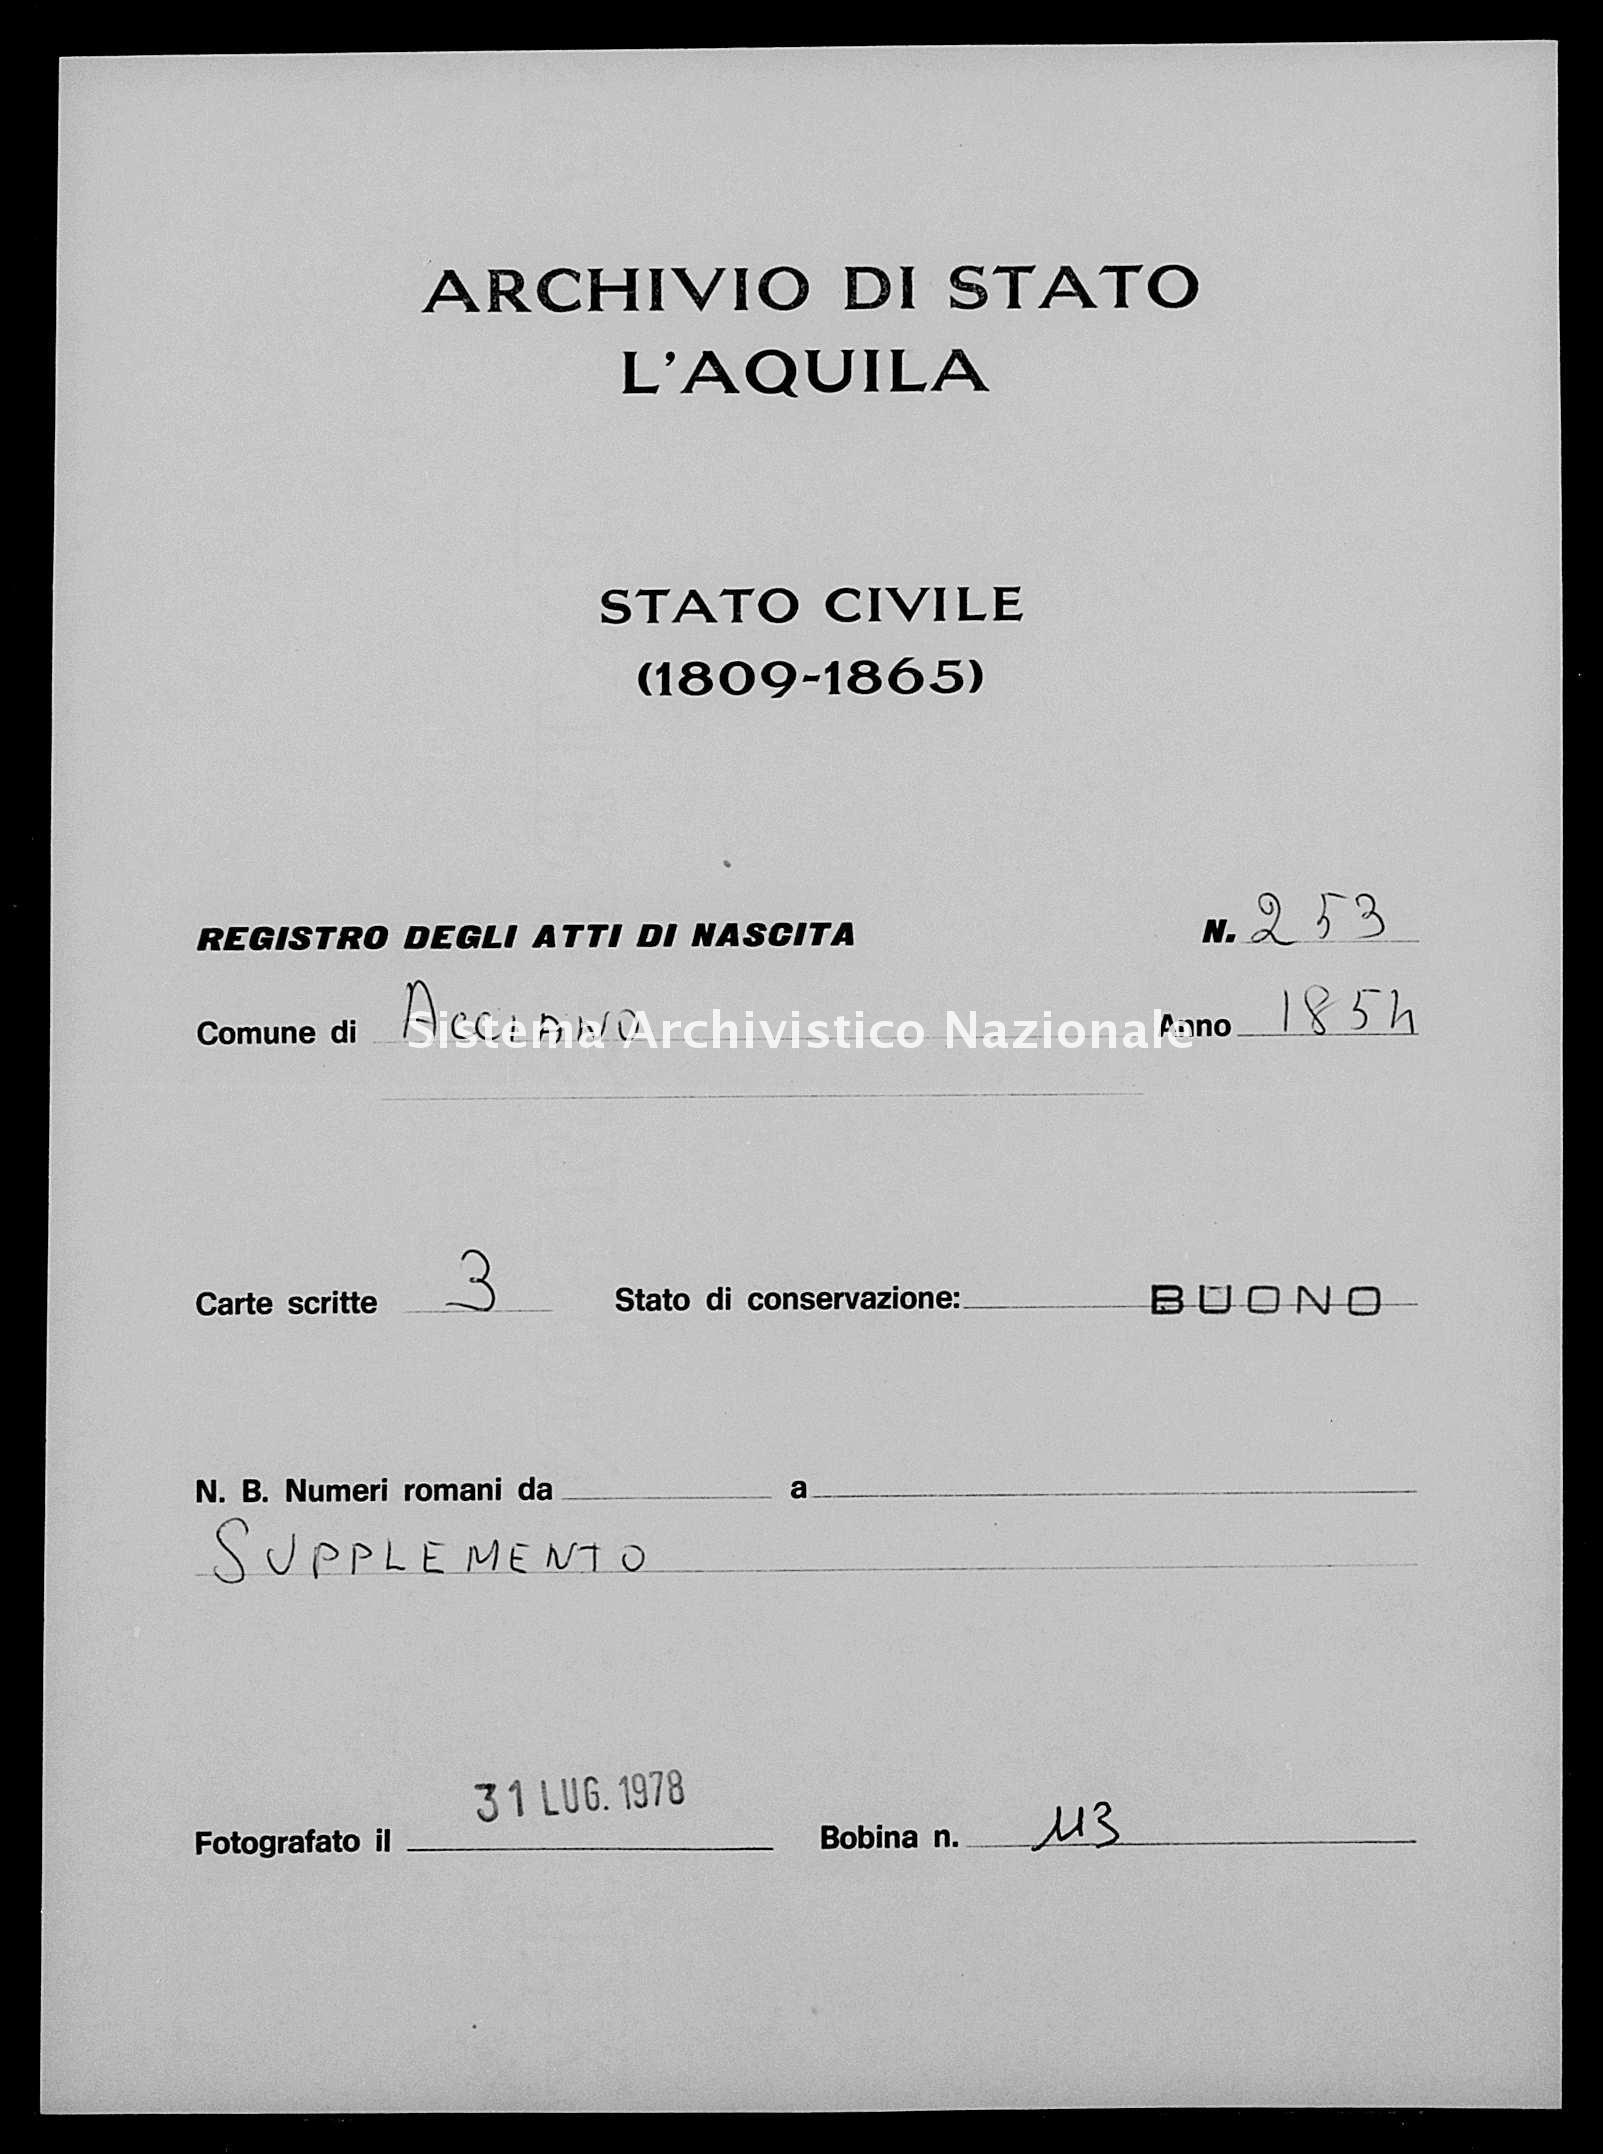 Archivio di stato di L'aquila - Stato civile della restaurazione - Acciano - Nati, battesimi esposti - 1854 - 253 -